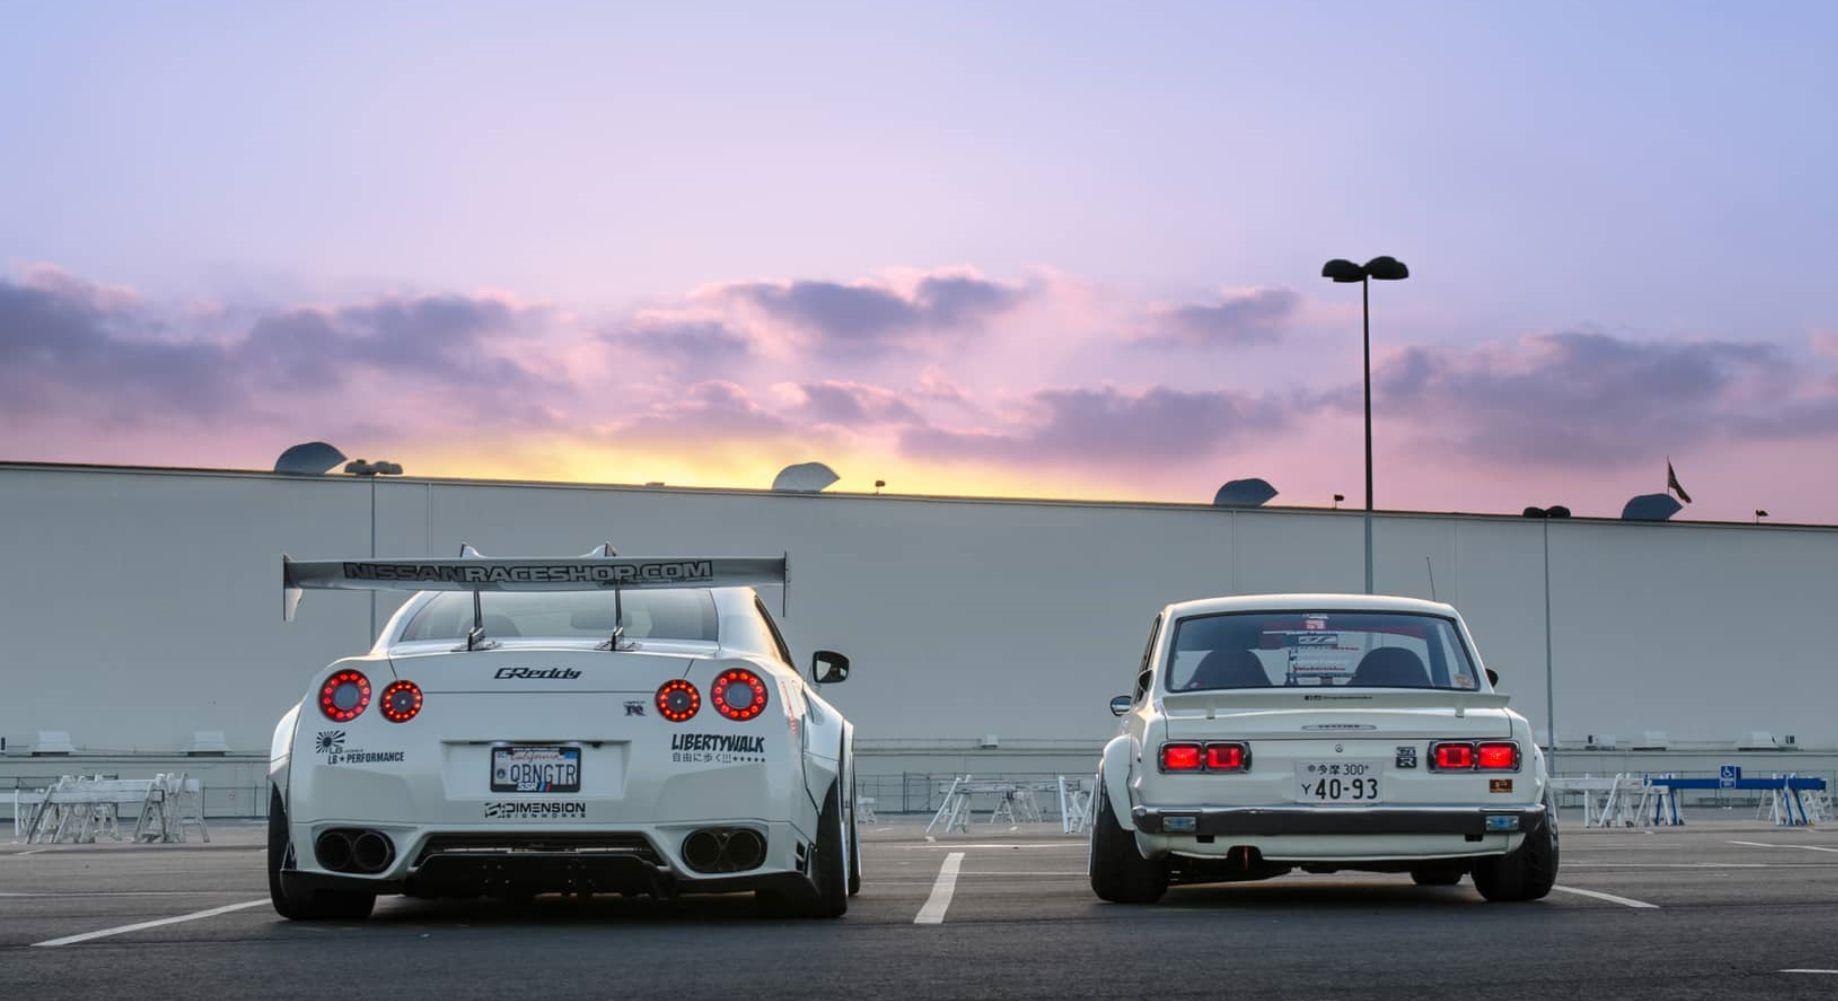 R35 GT-Rとハコスカ